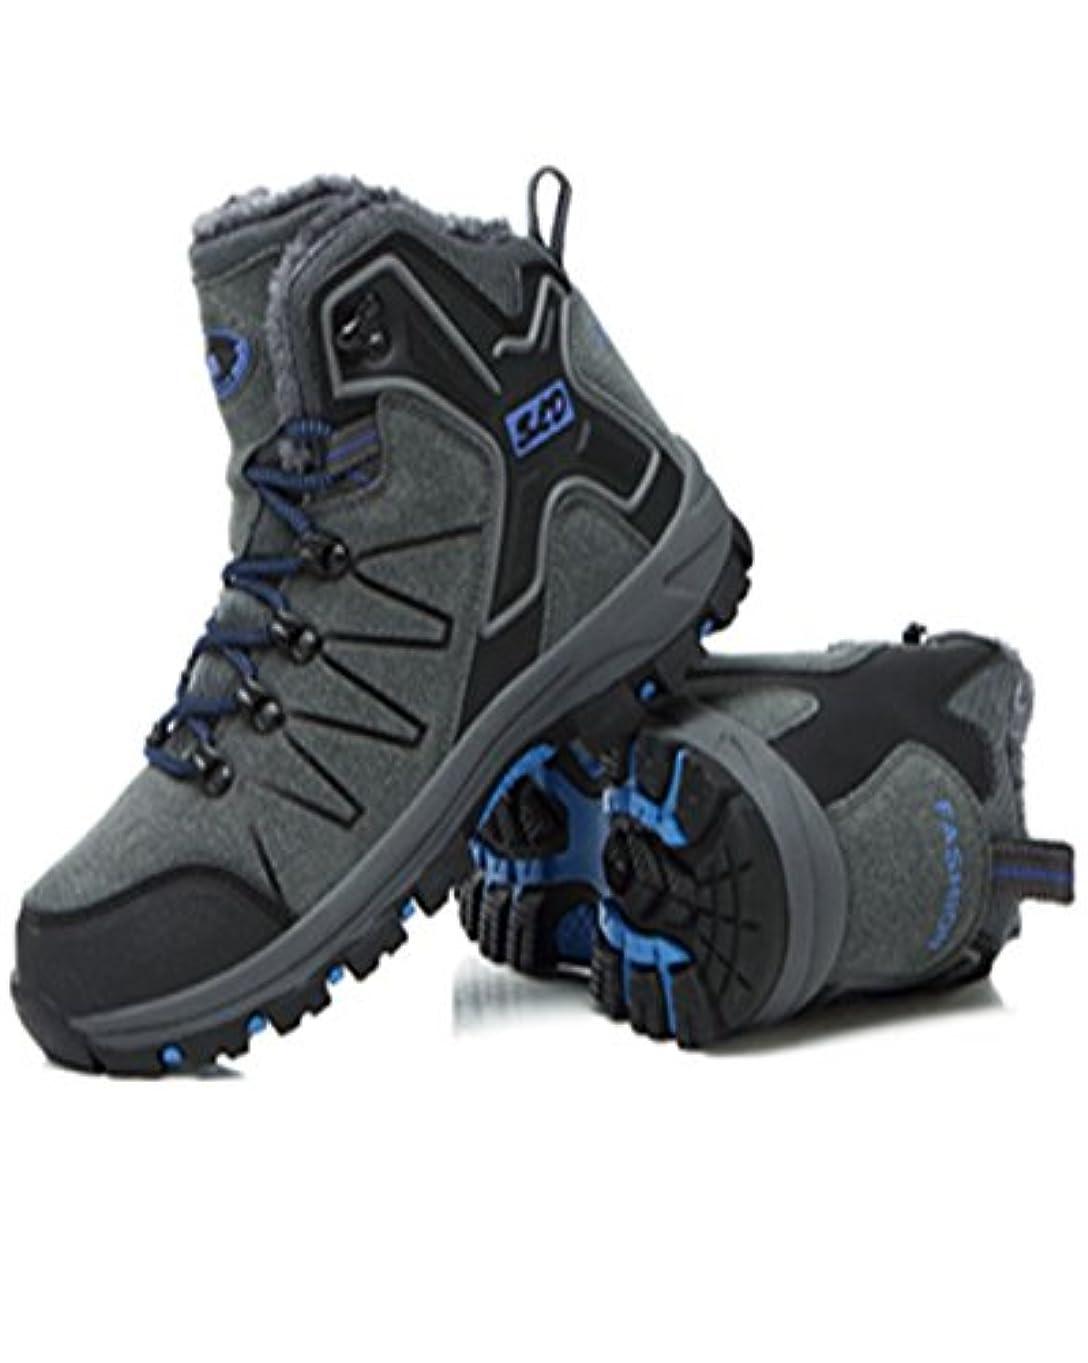 スーツまたはアンビエントトレッキングシューズ 登山靴 メンズ レディース 男女兼用  ハイキングシューズ 防水 防滑 ウォーキングシューズ アウトドア トラベル ハイカット キャンプ シューズ  大きいサイズ クッション性/通気性  グレー 24.5CM